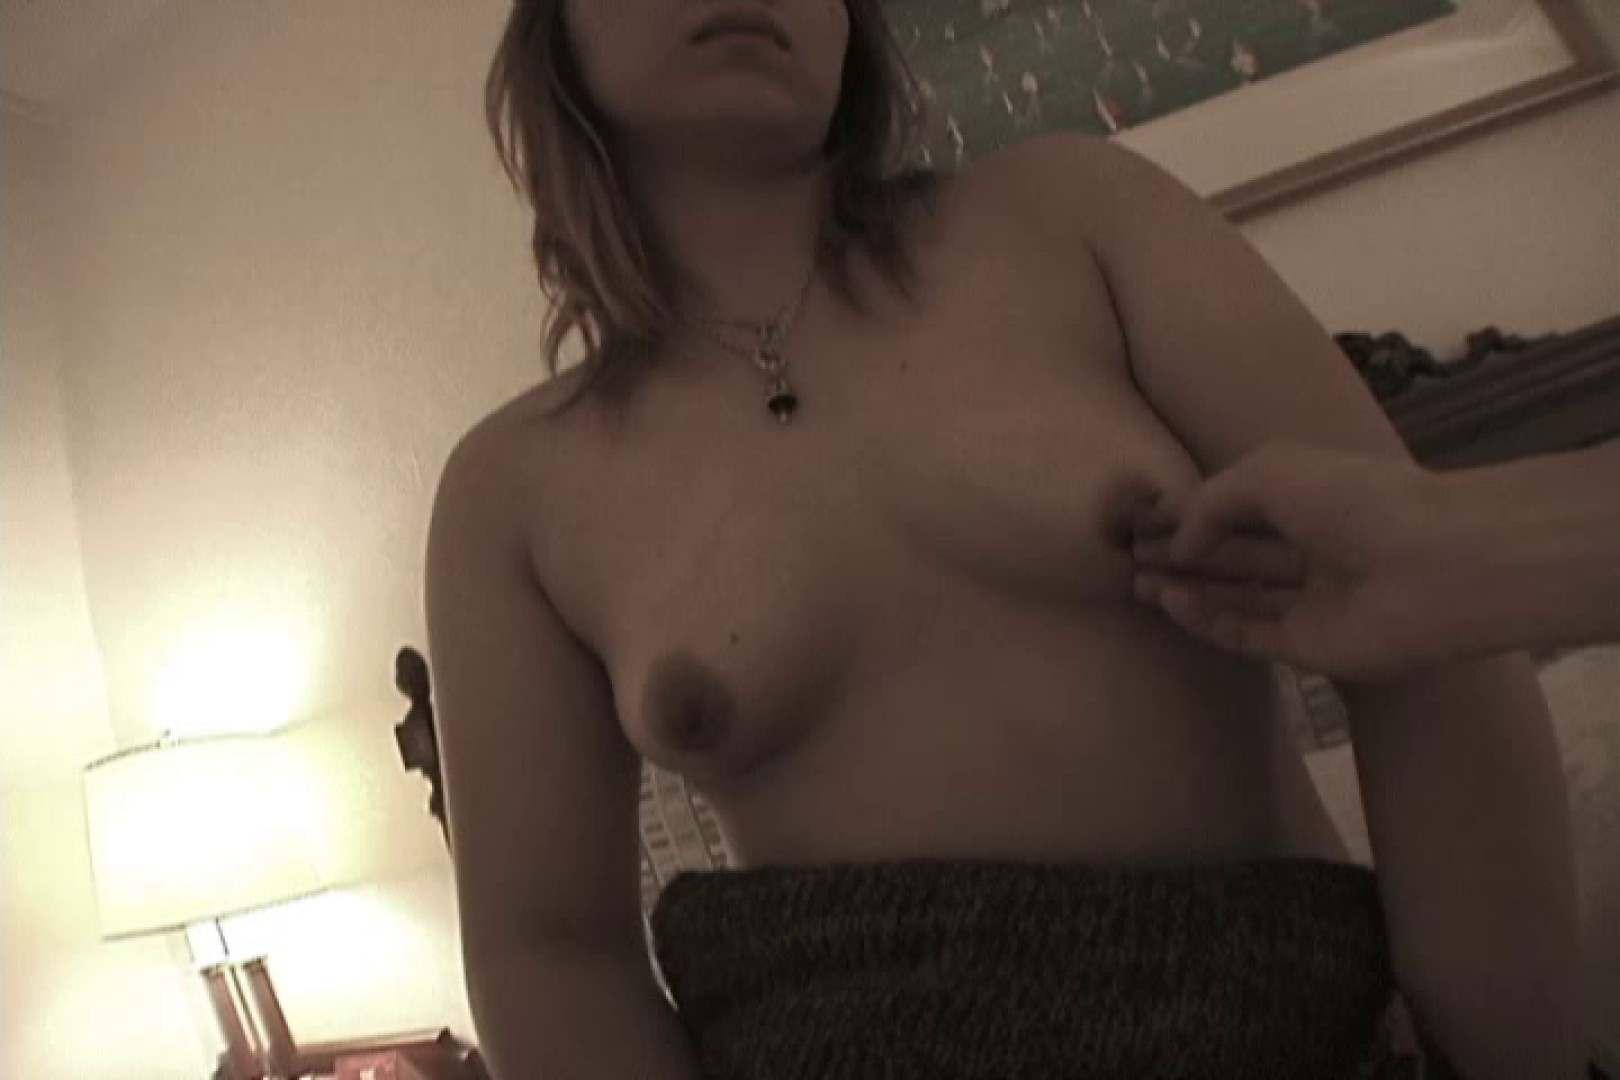 ヤリマンのオマンコ:ツンデレ素人嬢もチンポには弱い~増田あけみ~:大奥